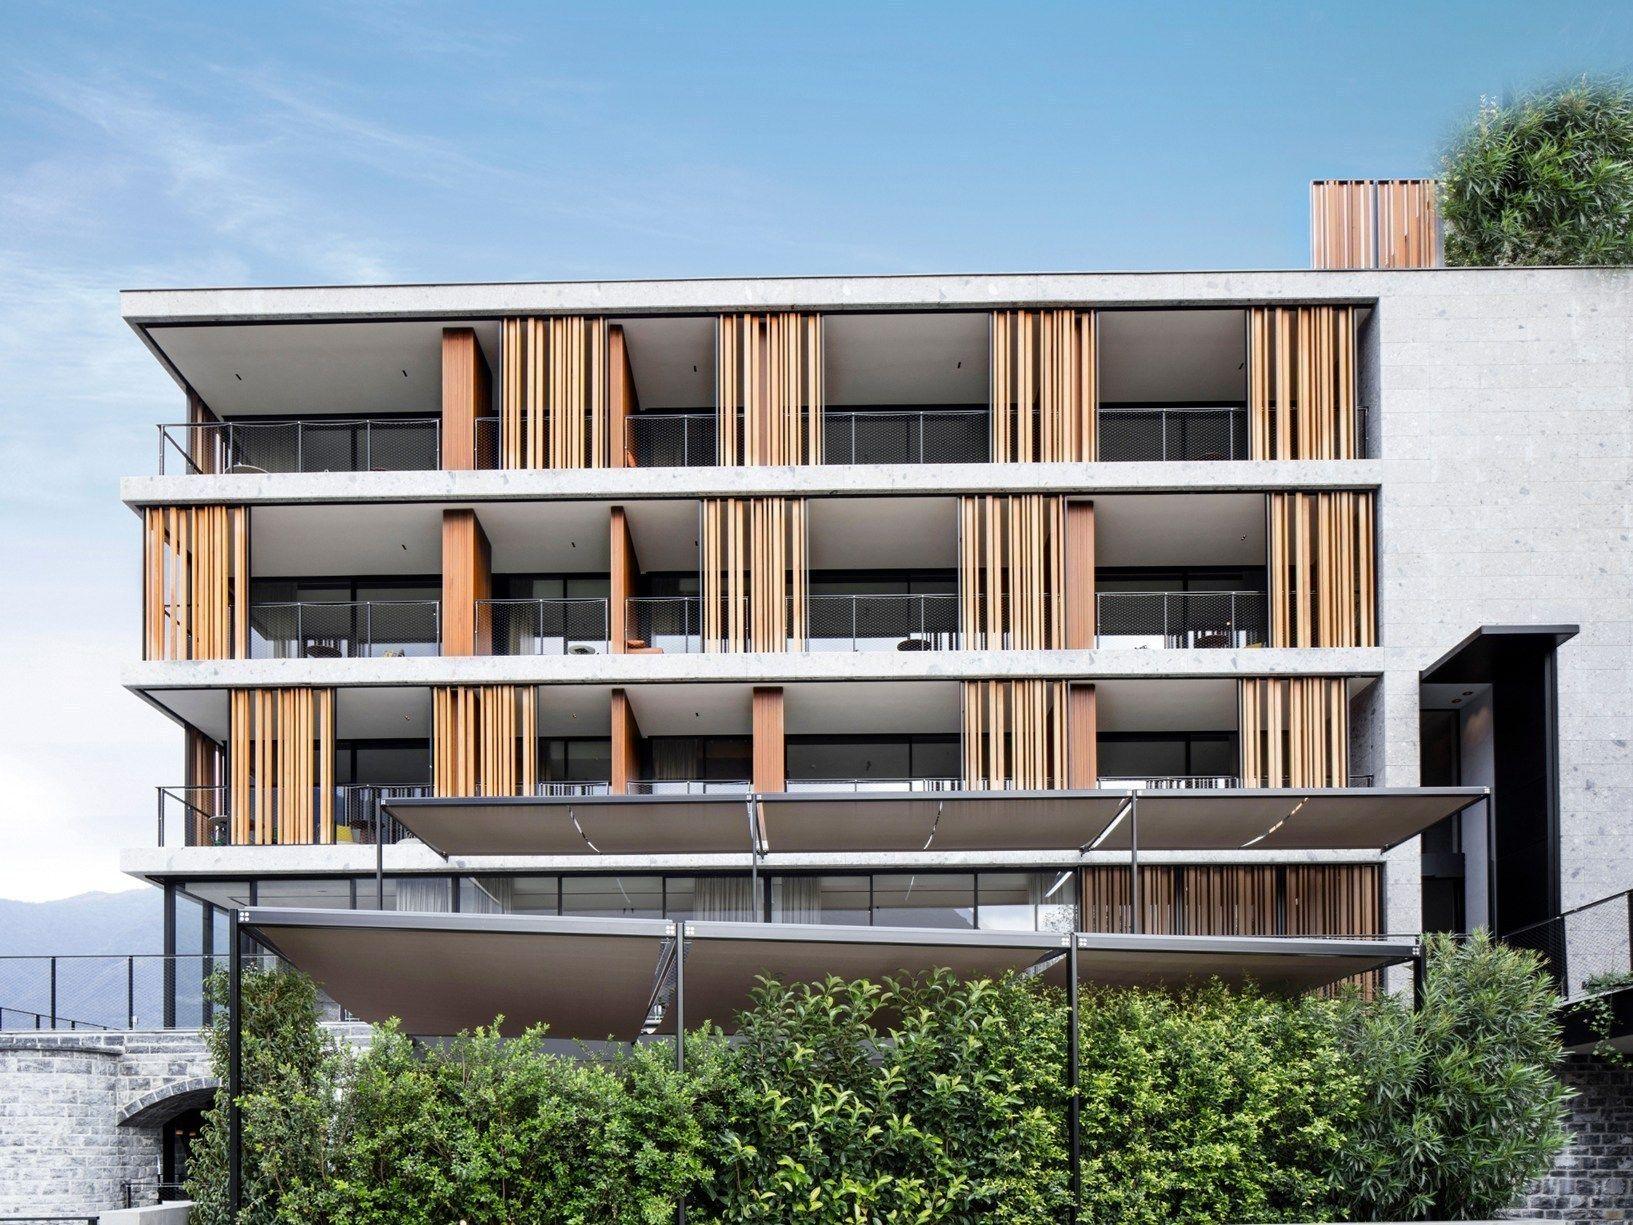 Stahlbau Picher per l'Hotel Il Sereno sul Lago di Como